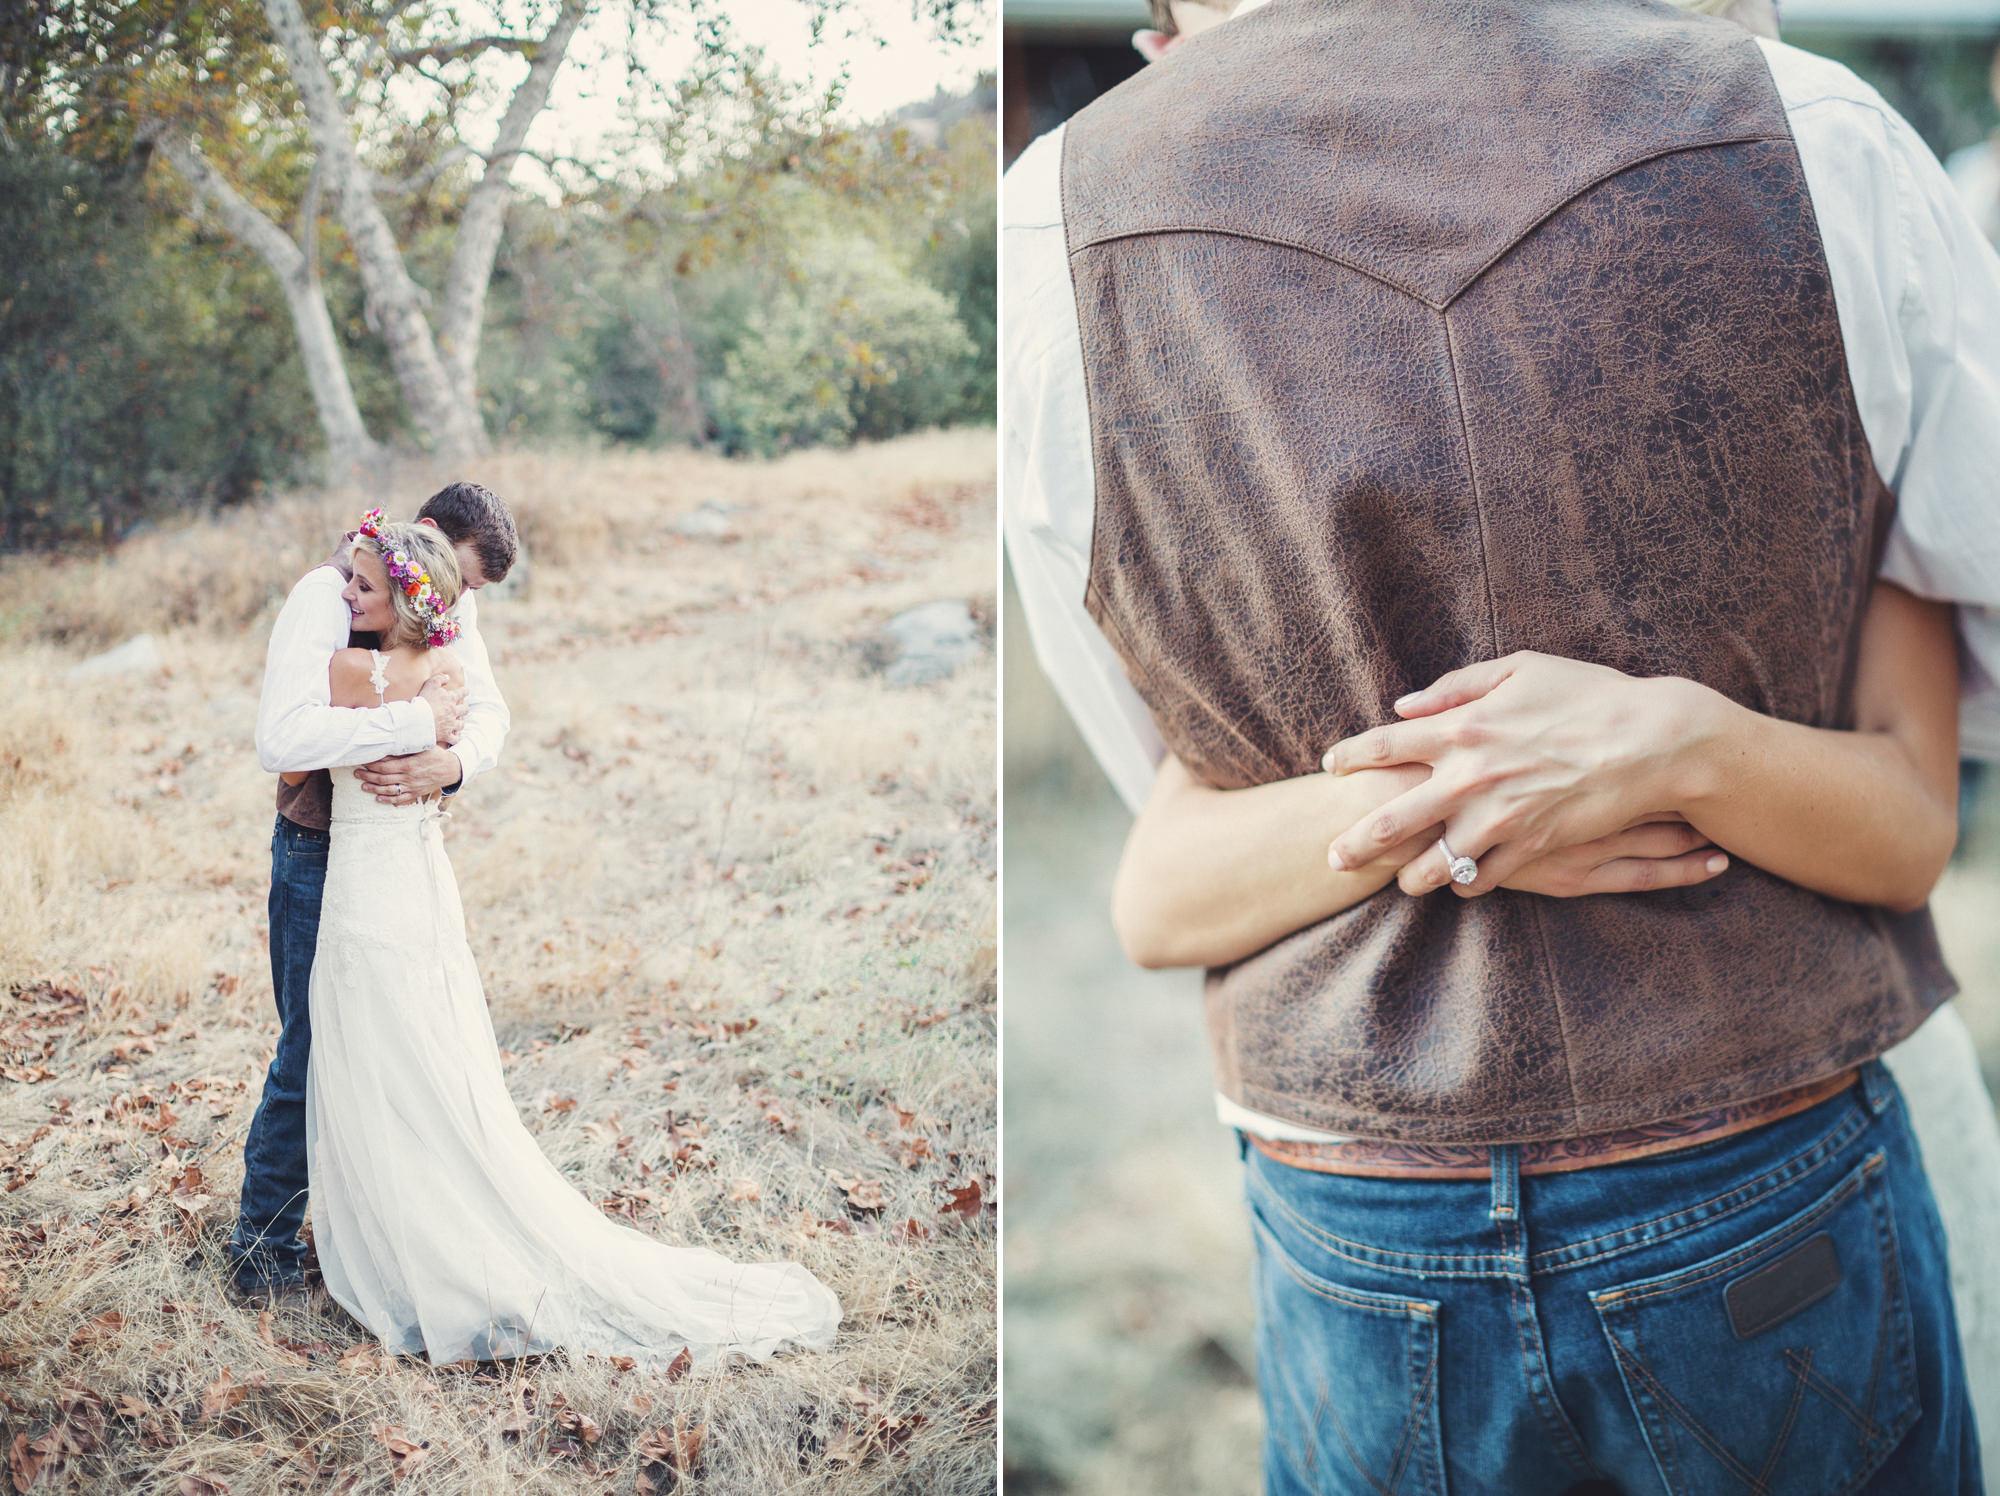 Rustic wedding in California ©Anne-Claire Brun 82